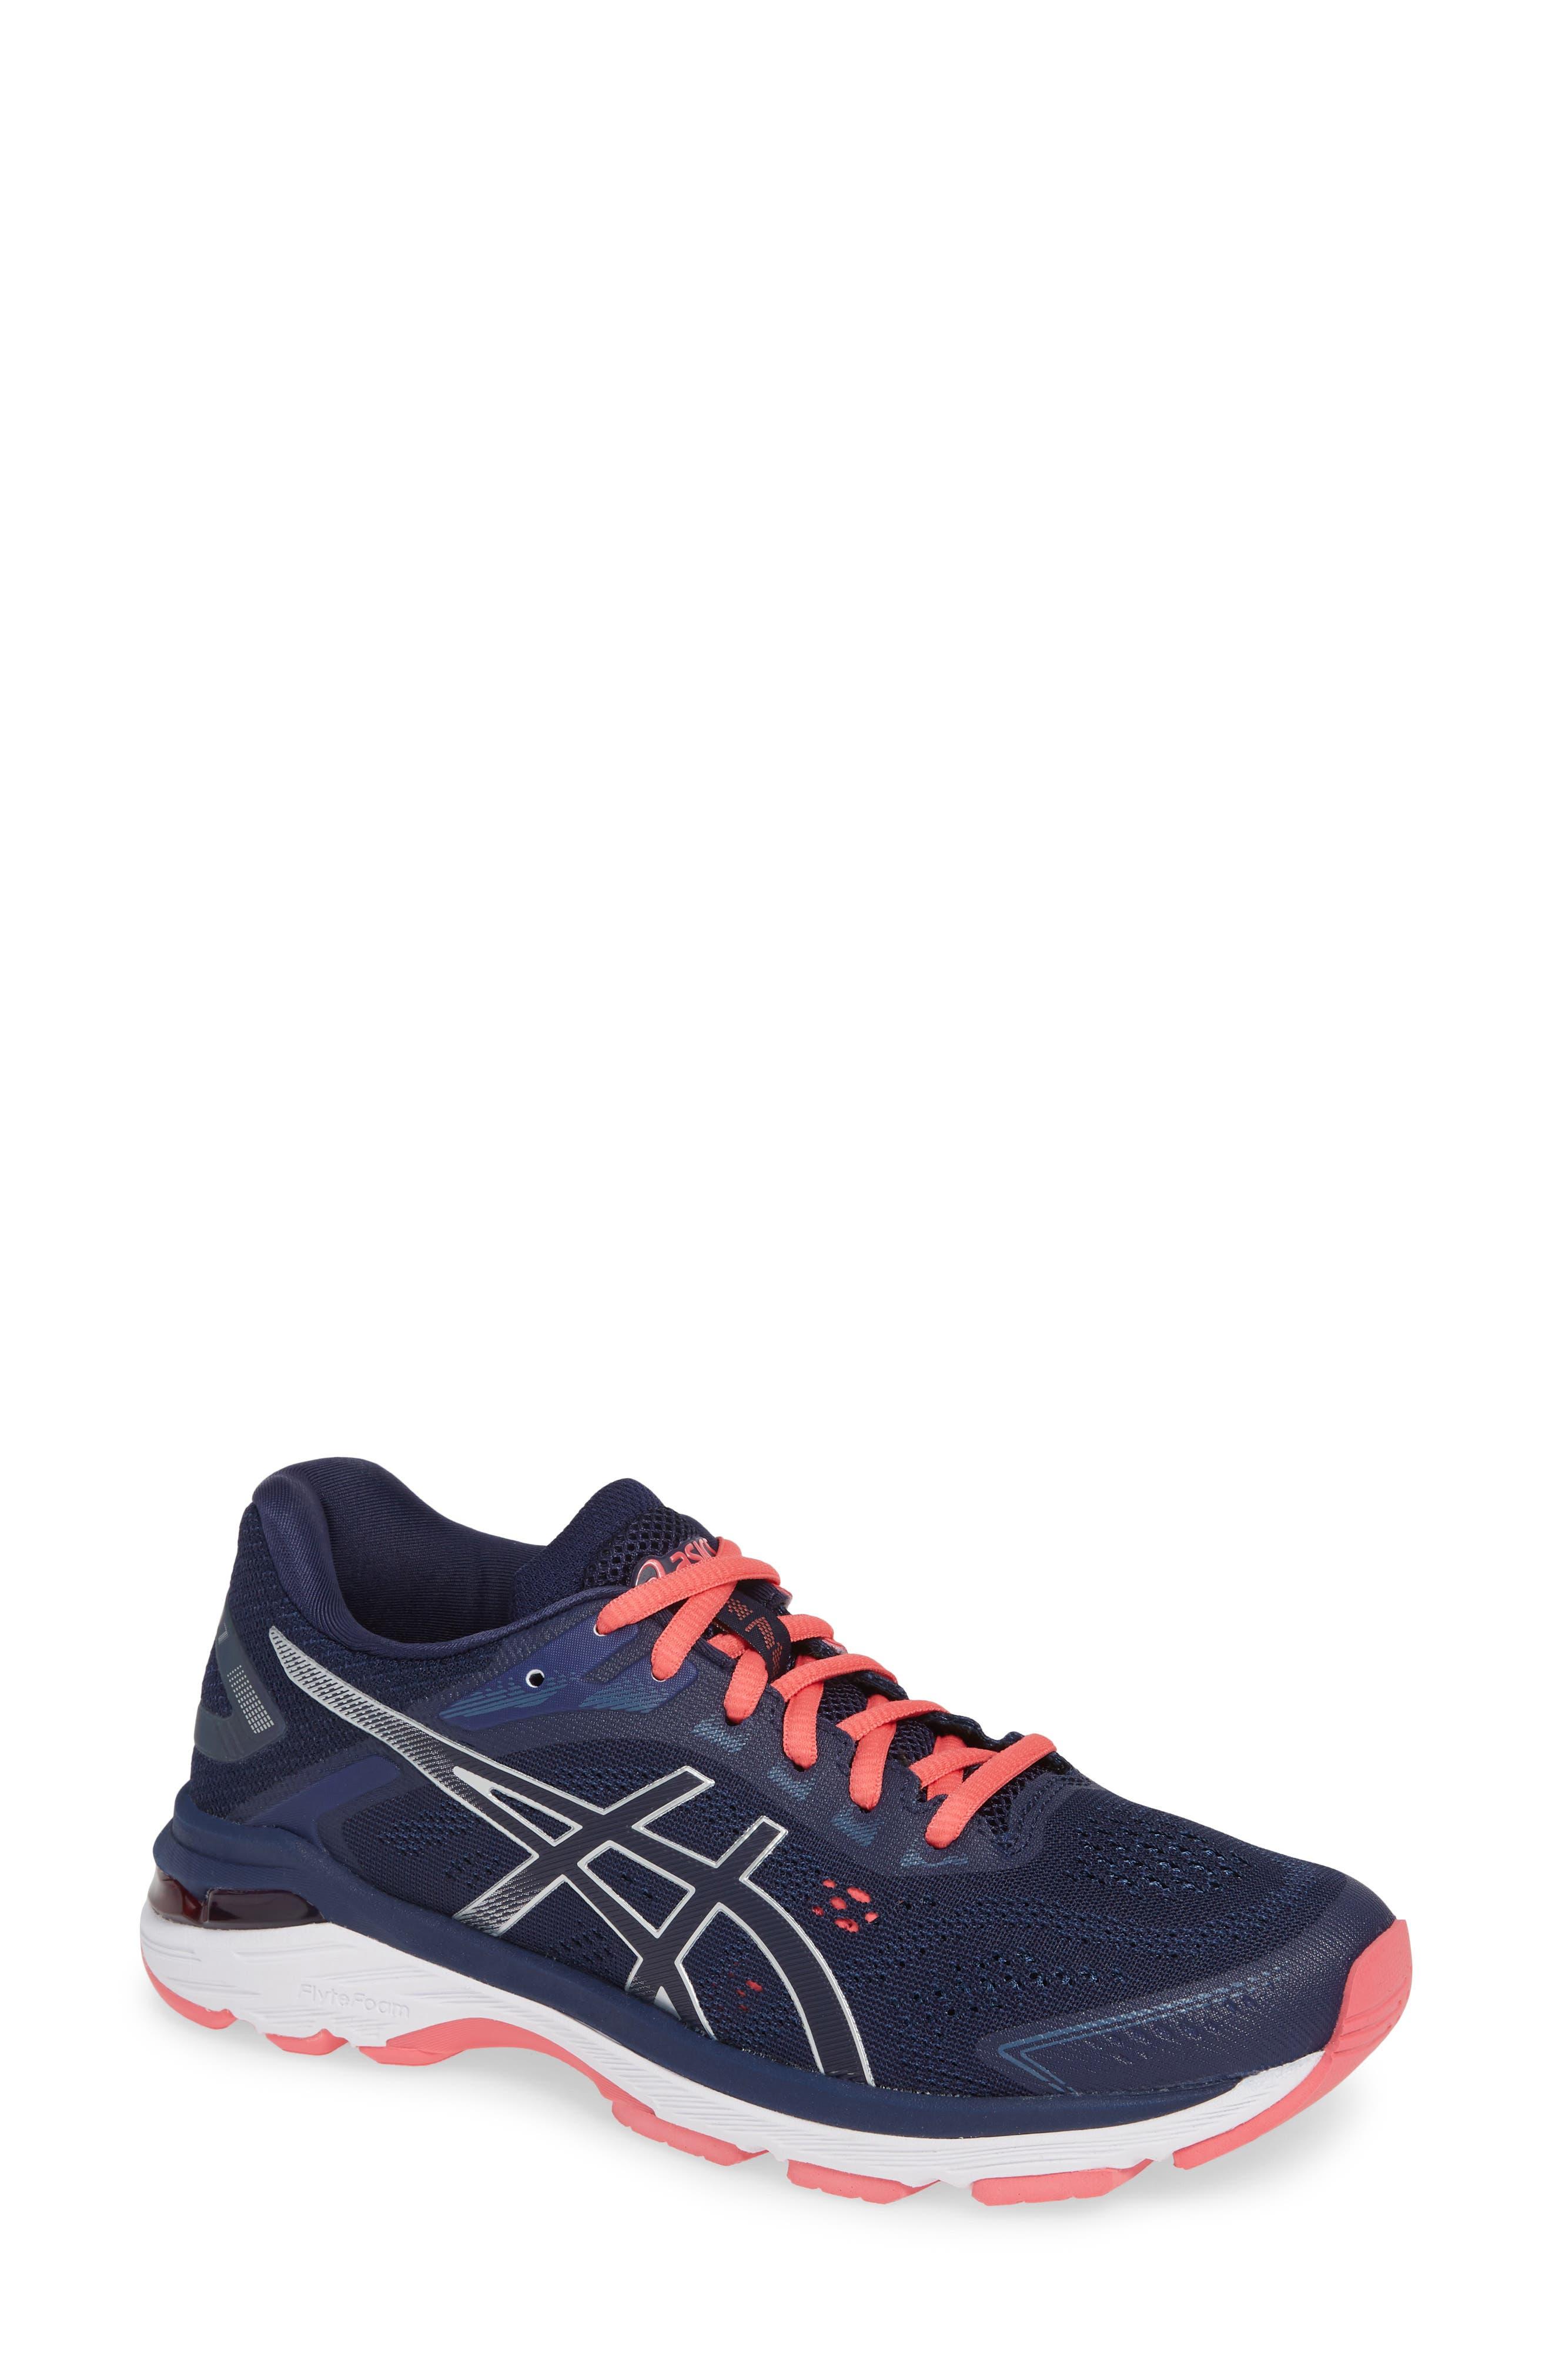 Asics Gt-2000 7 Running Shoe B - Blue